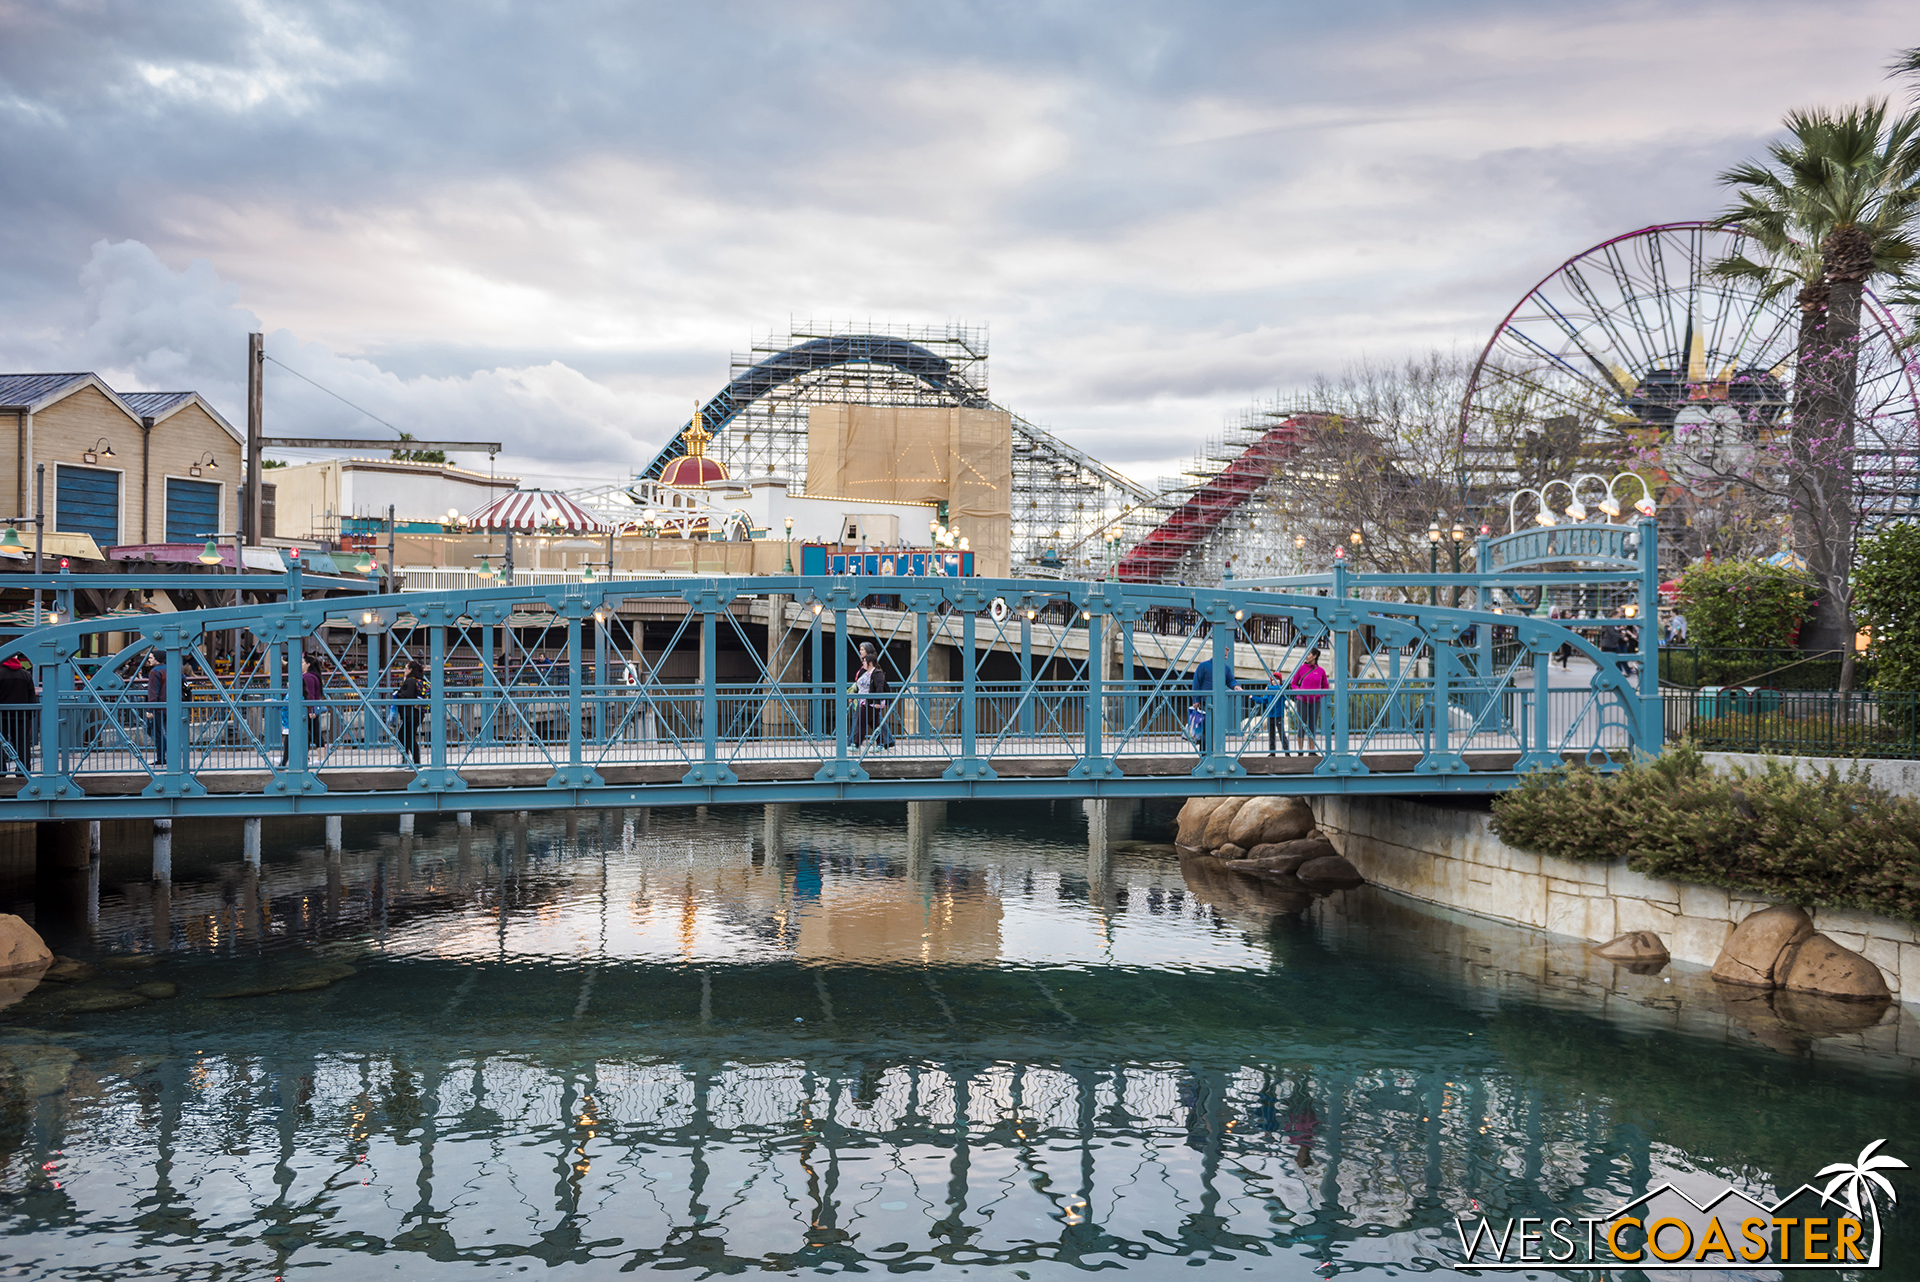 It's a glimpse of Pixar Pier!